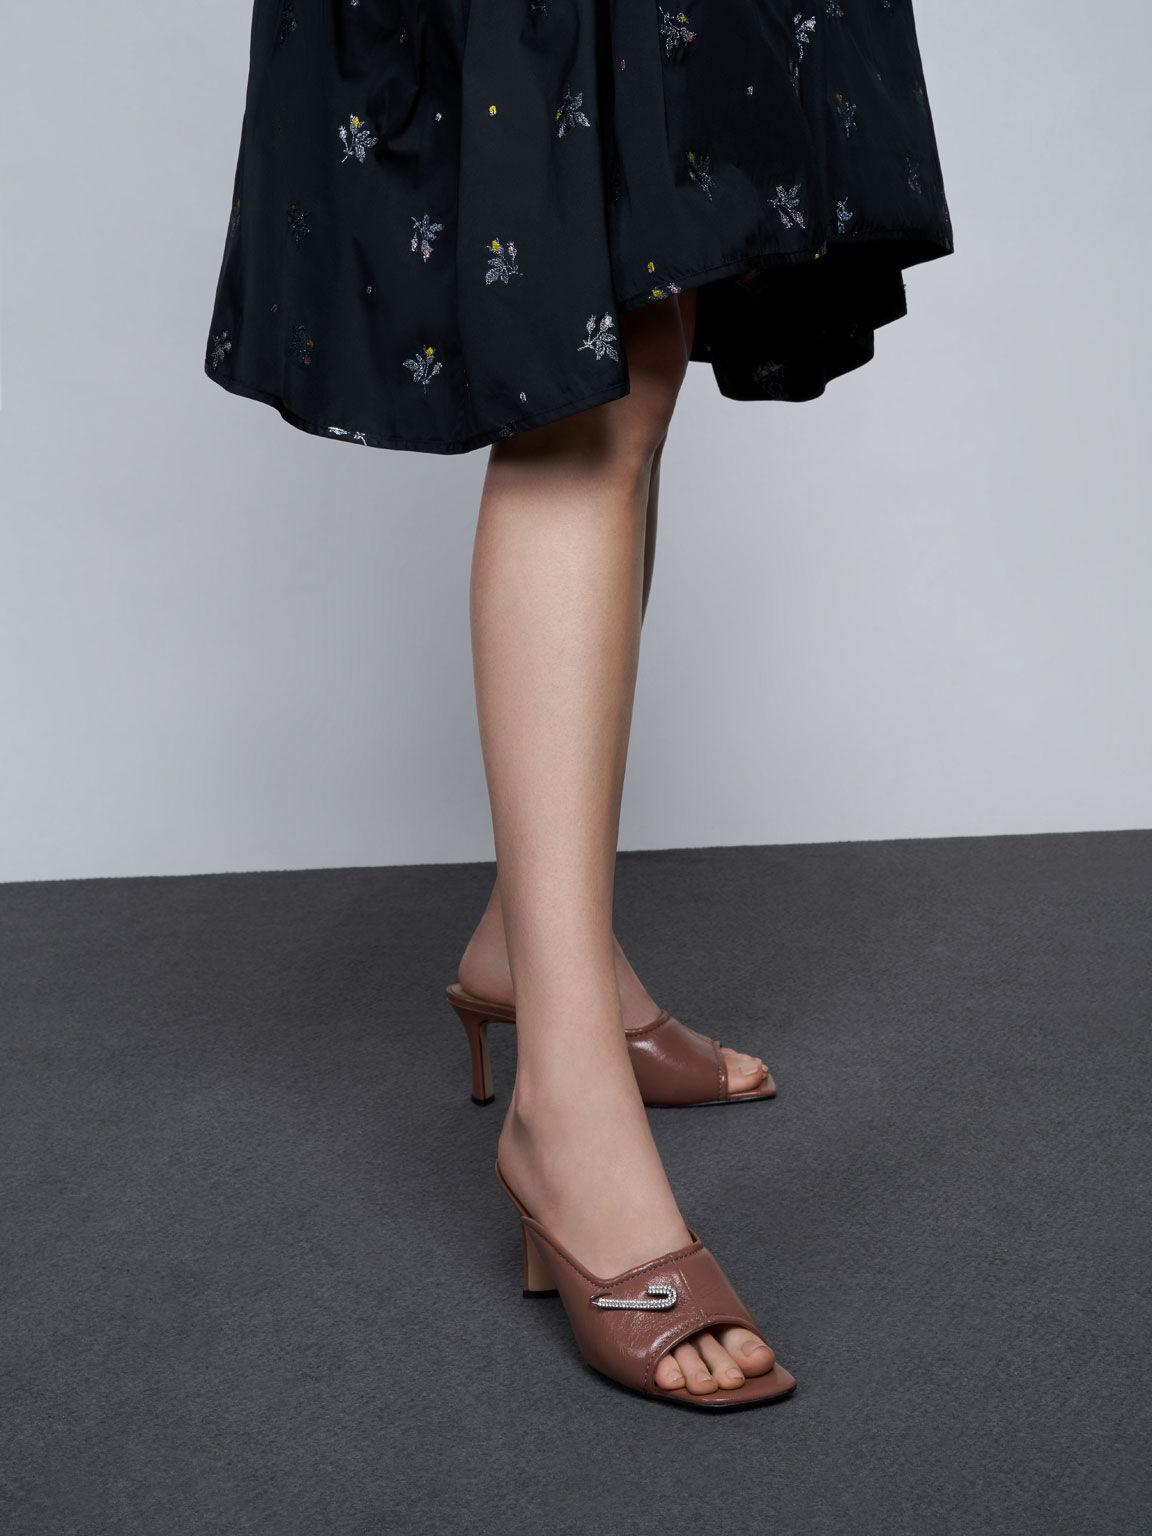 Gem-Embellished Leather Mules, Tan, hi-res